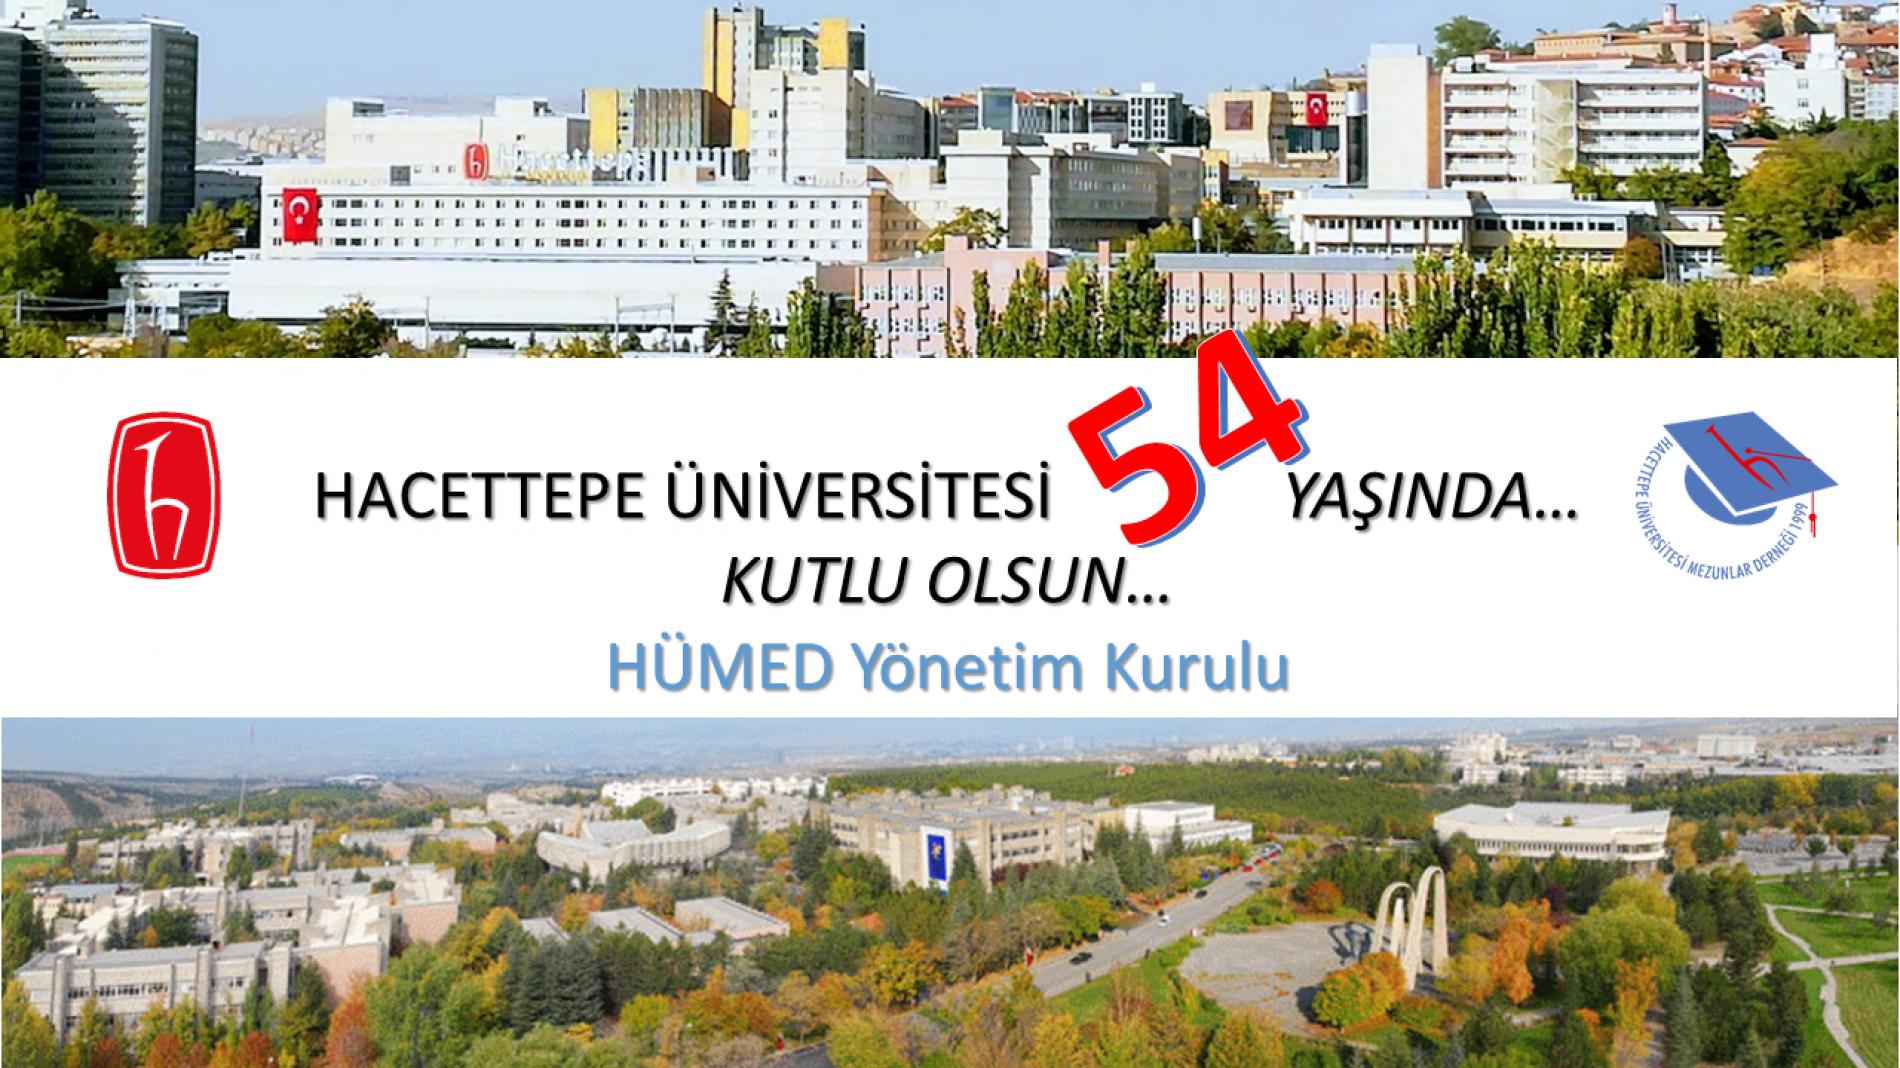 Hacettepe Üniversitesi'nin 54. Yaşı, 8 TEMMUZ DÜNYA HACETTEPELİLER GÜNÜ, Kutlu Olsun